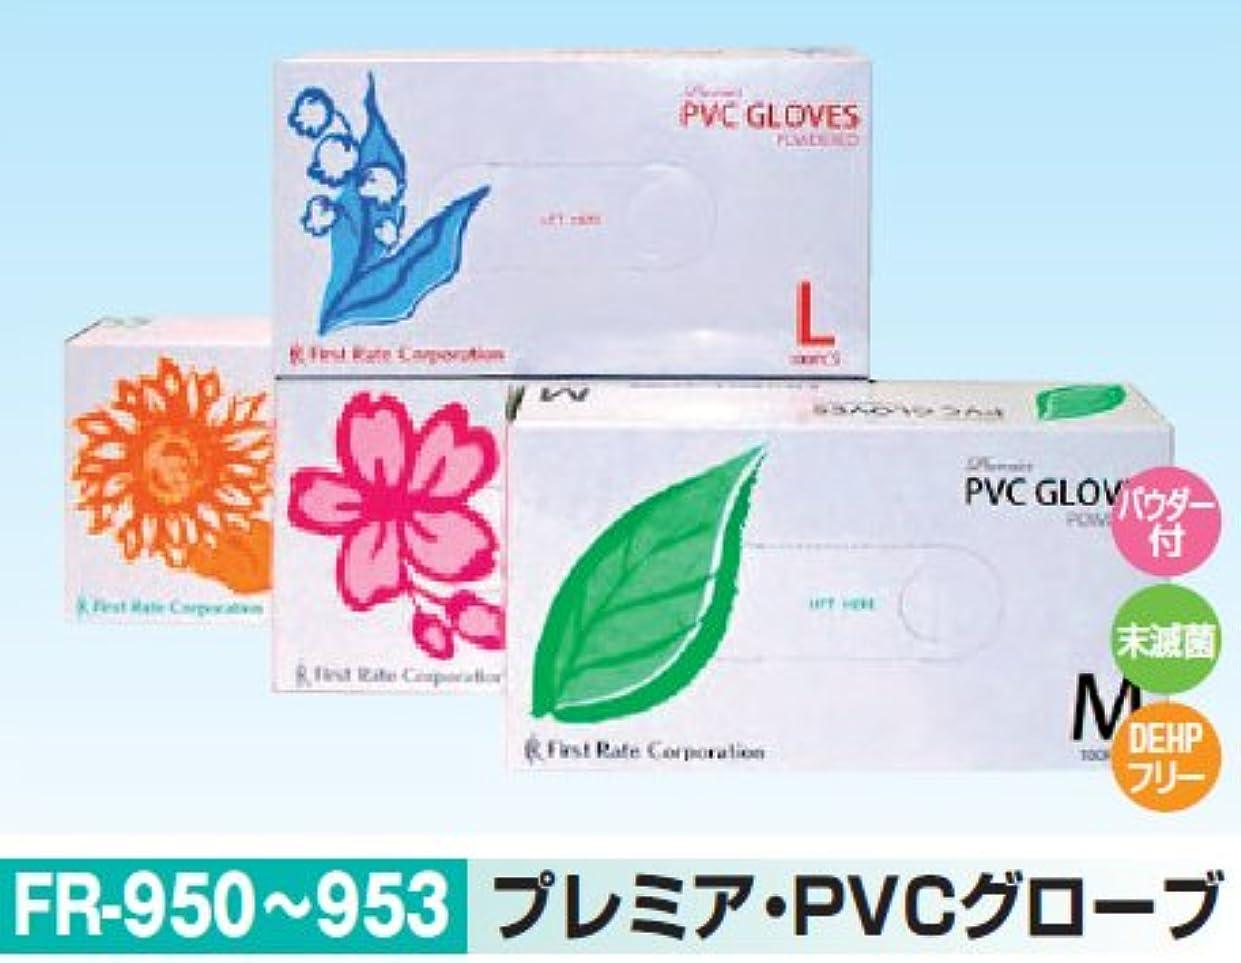 特権三十れるプレミア?PVCグローブ Mサイズ 100枚 FR-952 使い捨て手袋、パウダー付き高伸縮性プラスチックグローブ